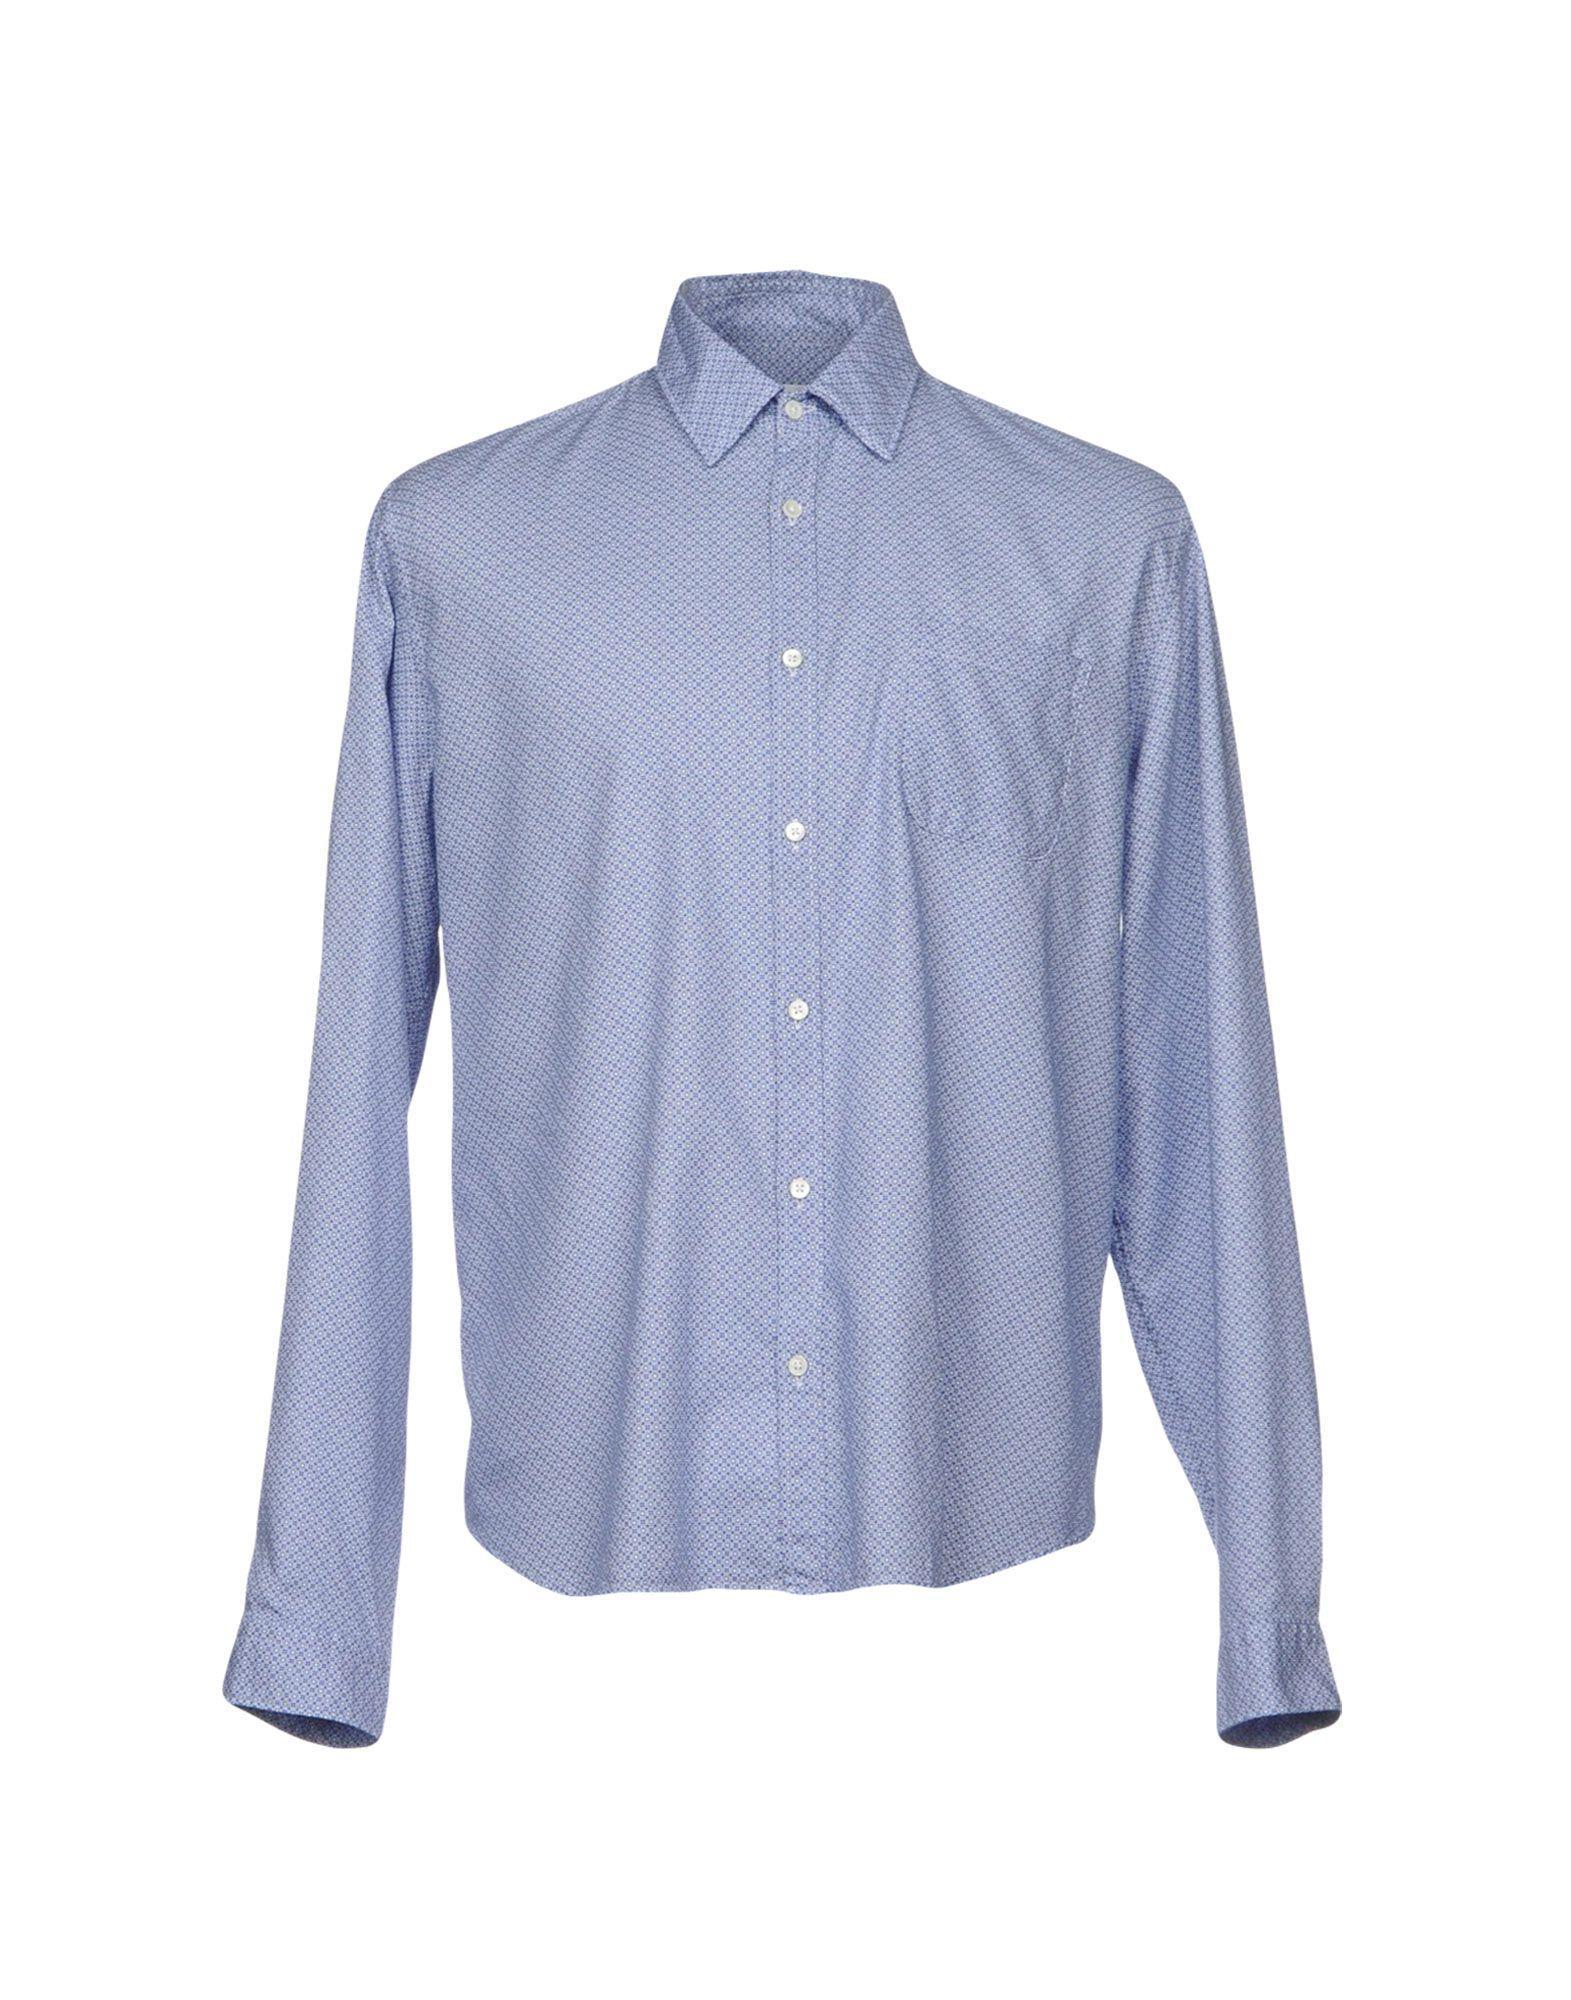 Robert Friedman Patterned Shirt In Blue